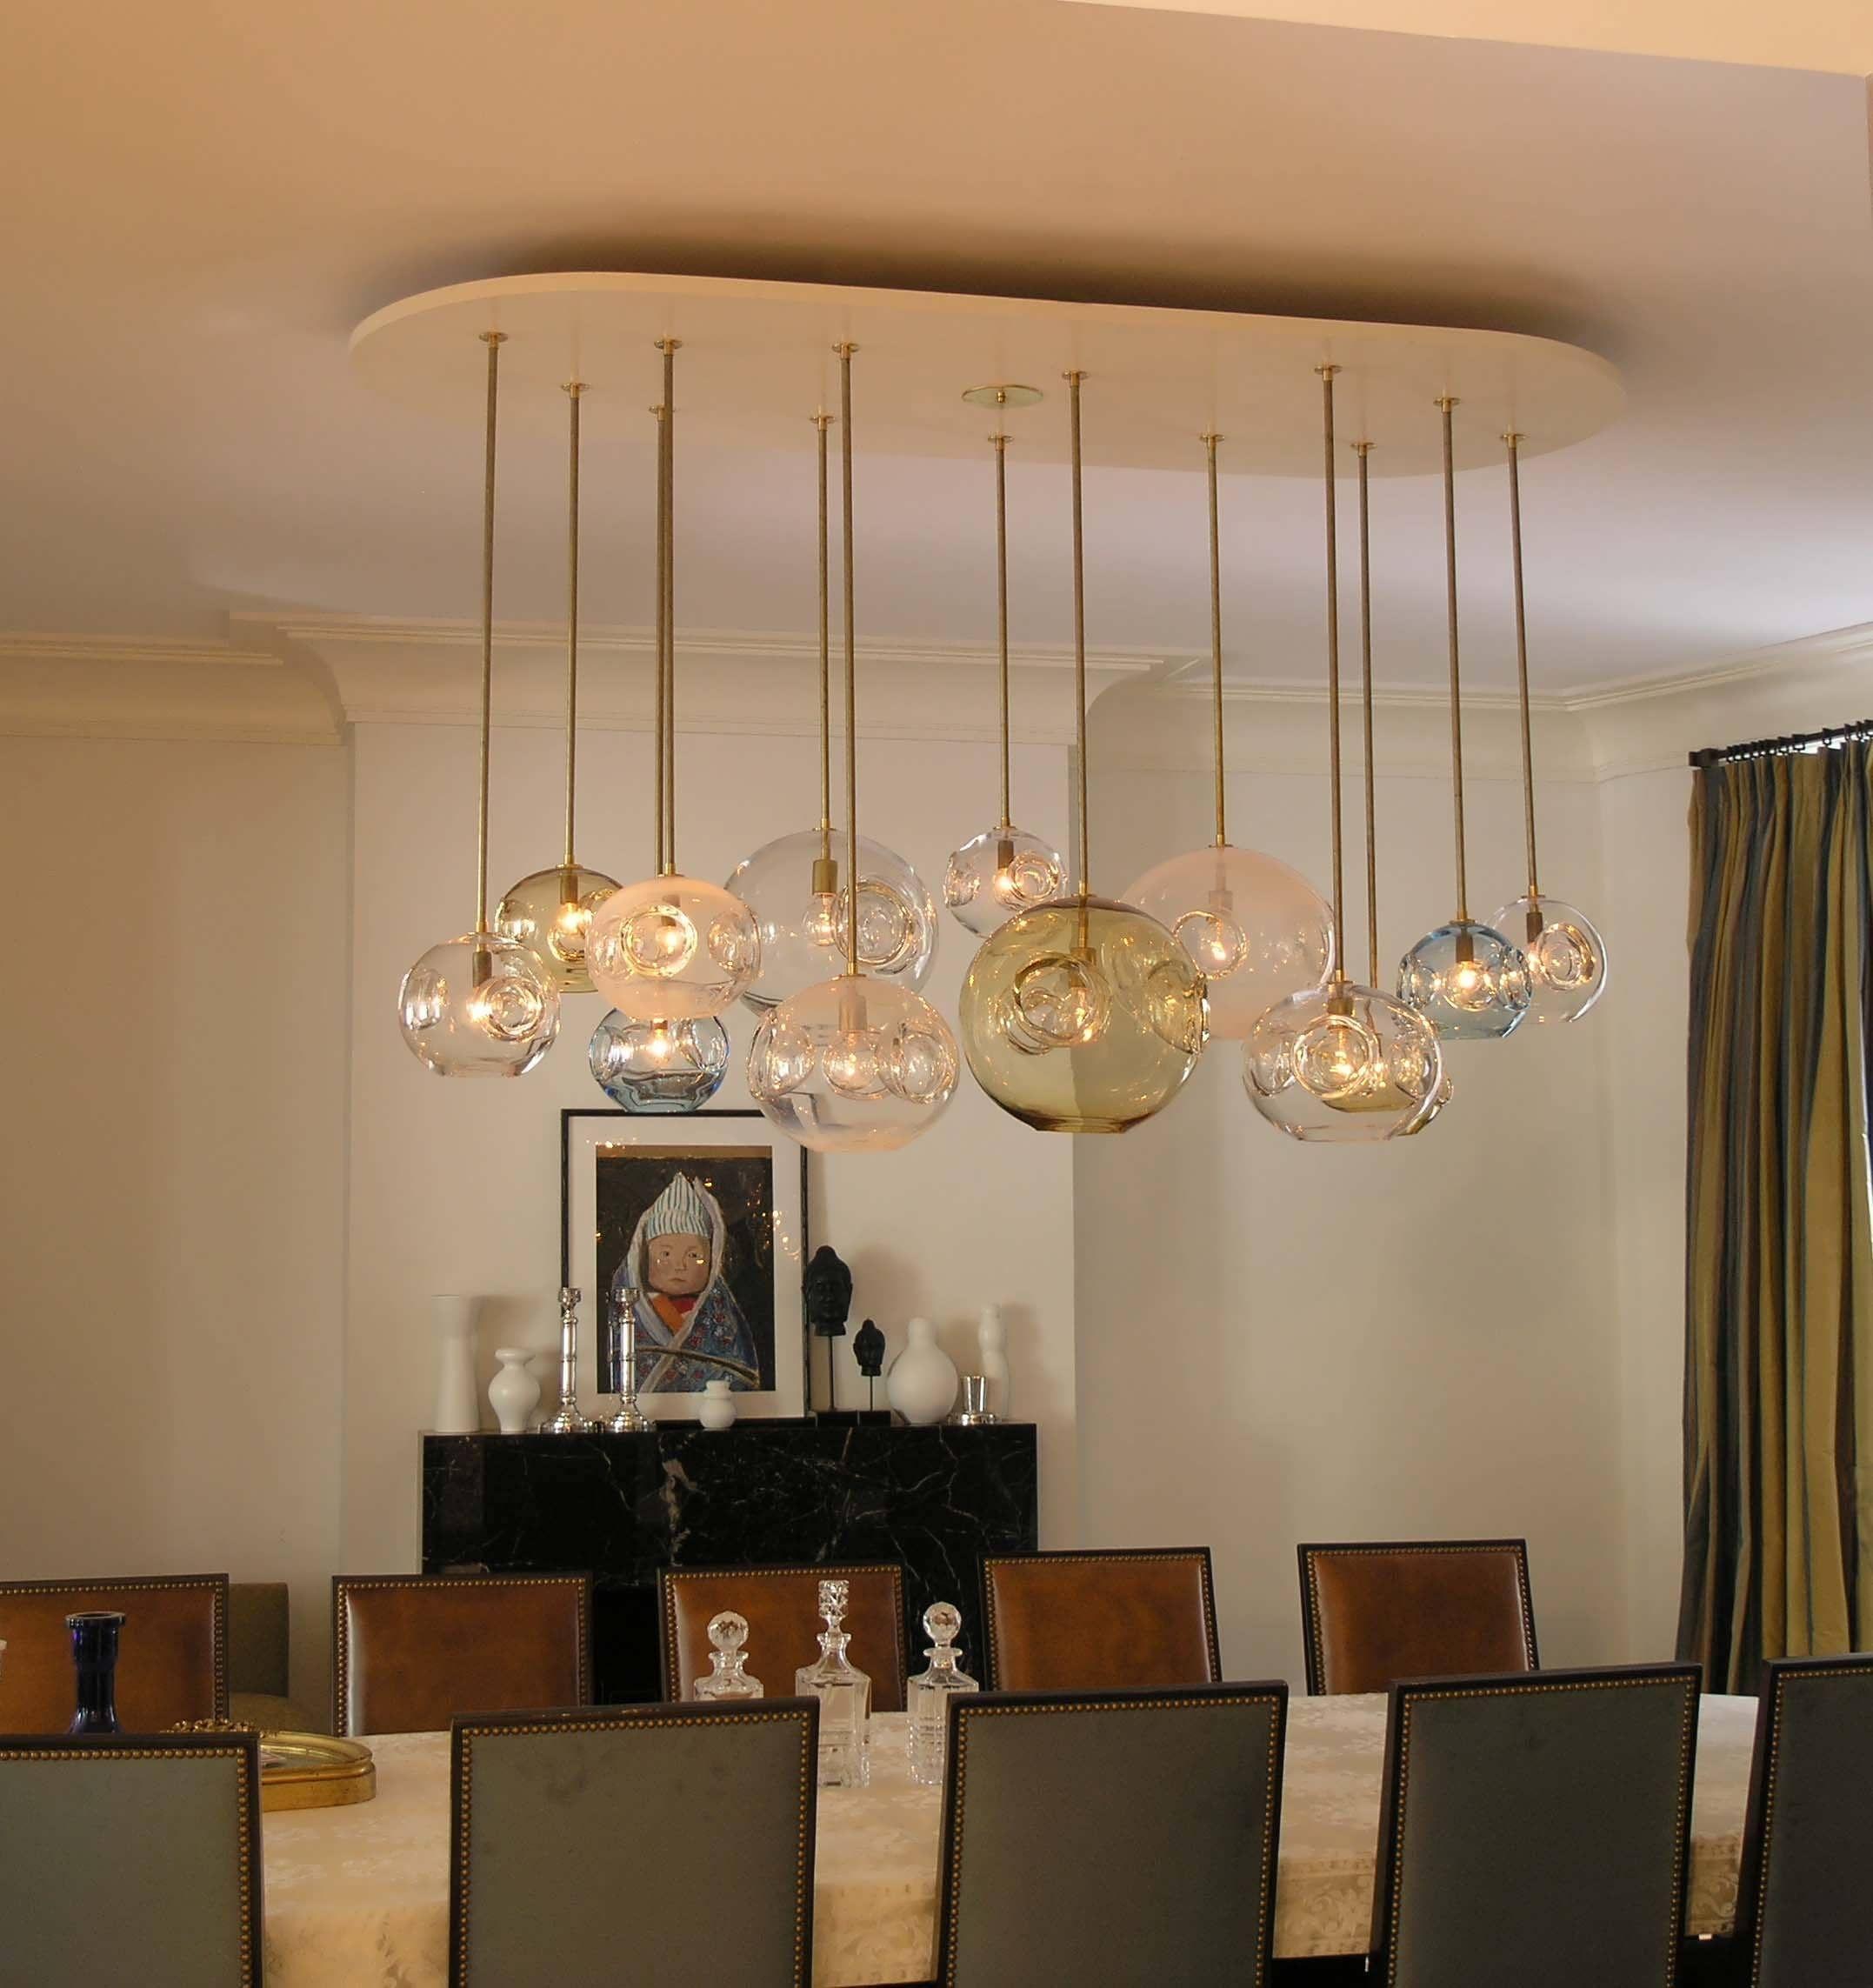 Chandelier Room Lights Chandeliers Uk Rectangular Light Fixtures For Dining Rooms D Modern Dining Room Lighting Dining Room Lighting Dining Room Light Fixtures